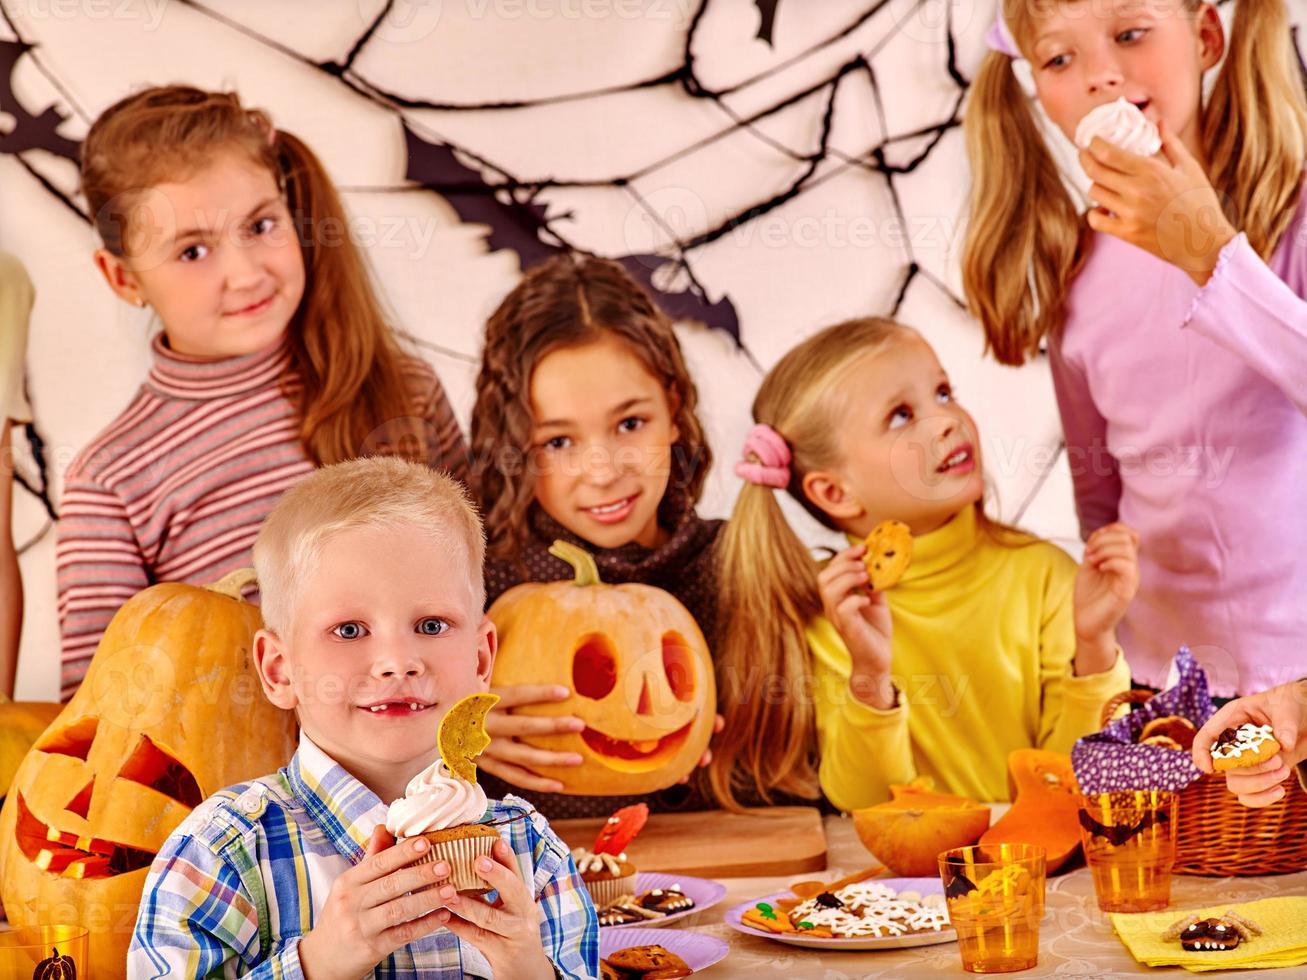 familie op halloween-feest met kinderen foto